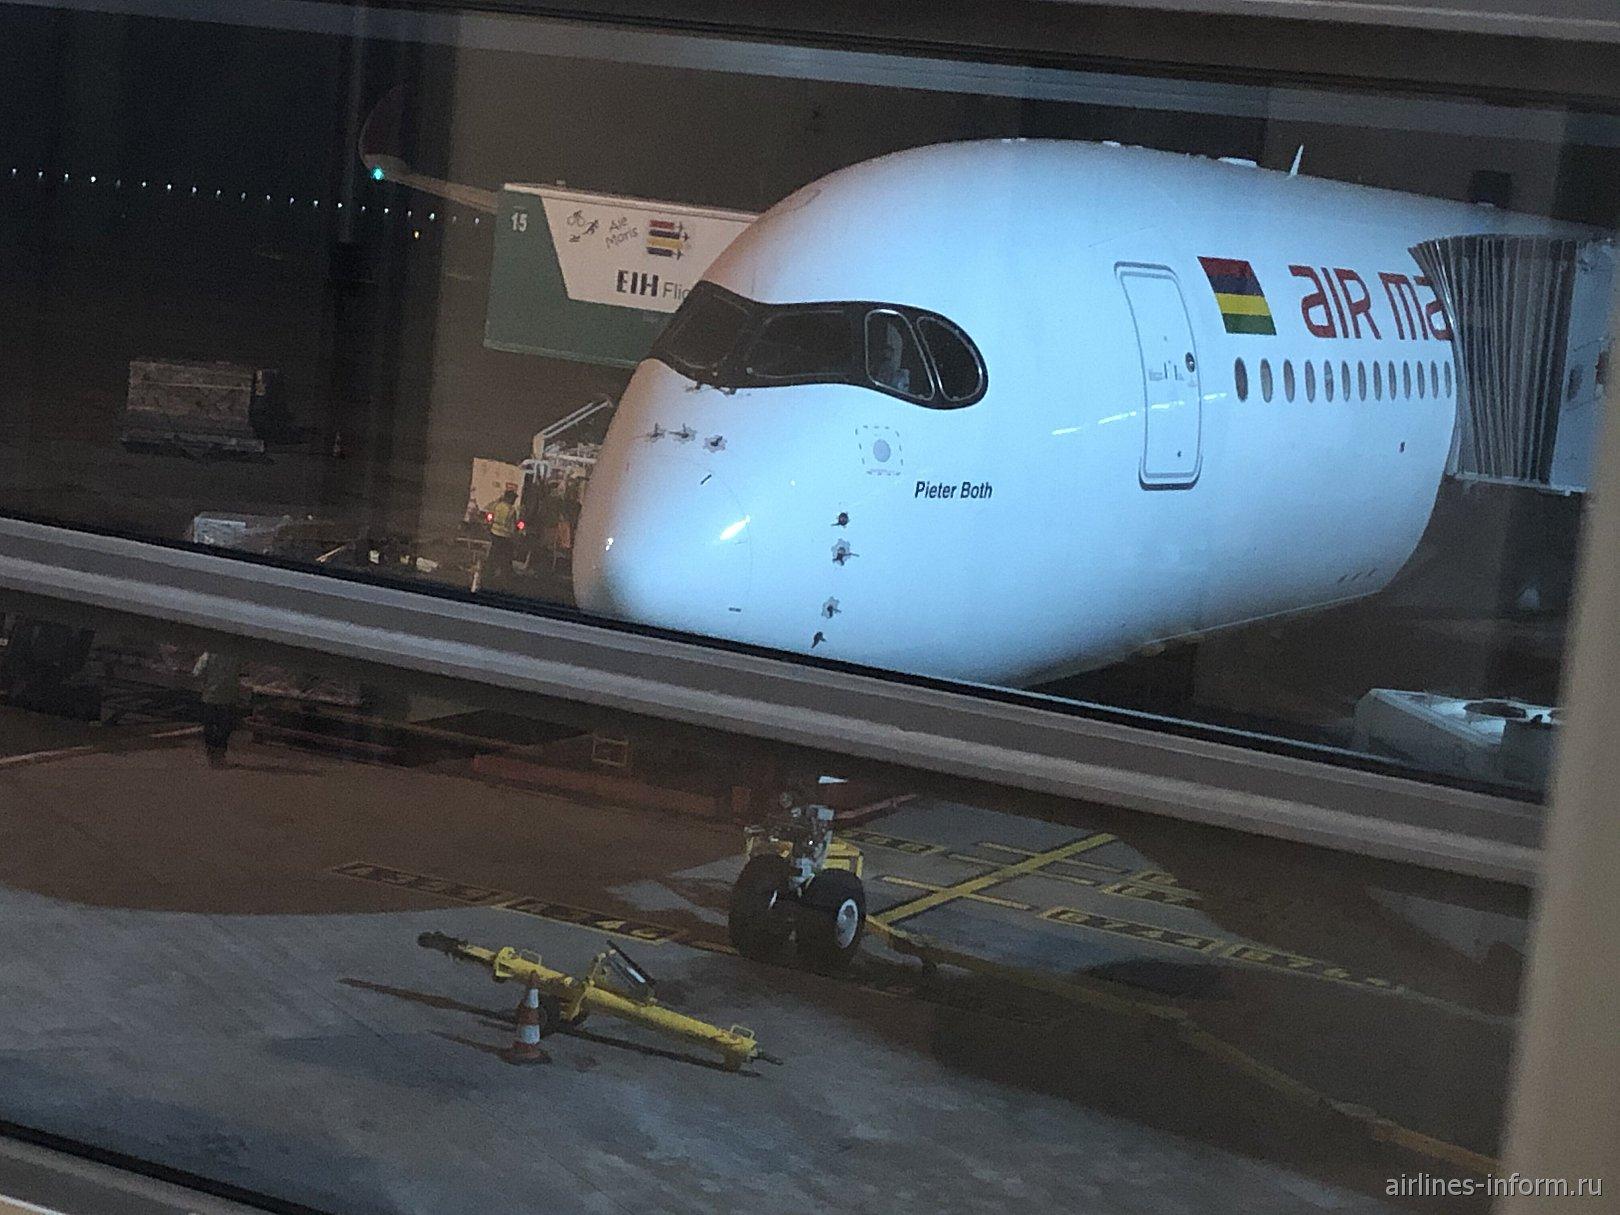 Короткий обзор длительного рейса MK014 авиакомпании Air Mauritius по маршруту  Маврикий-Париж (CDG)